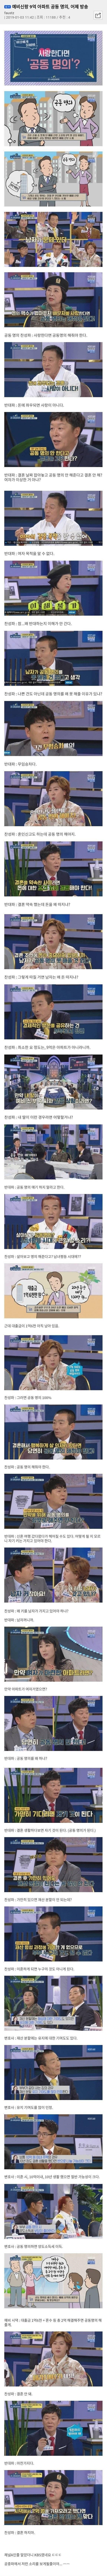 예비신랑 9억 아파트 공동 명의.jpg | 인스티즈